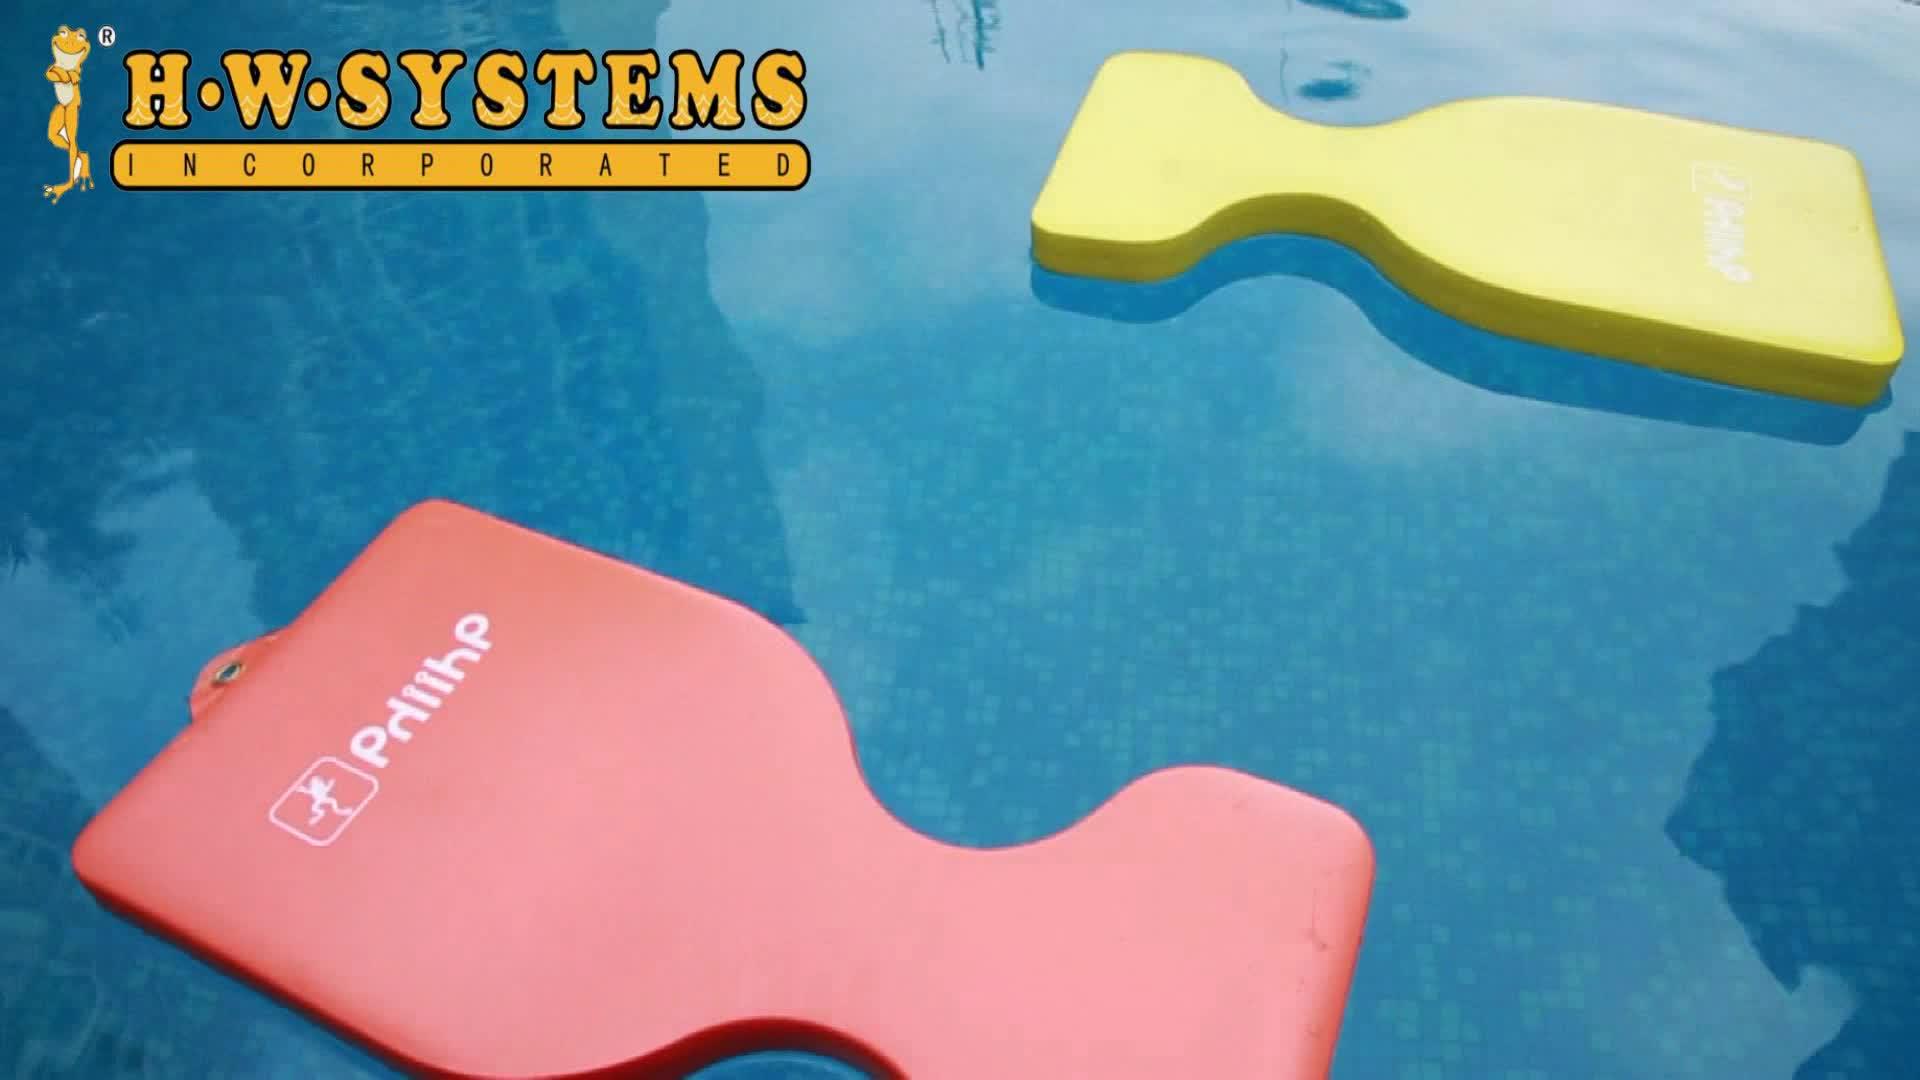 นอกอานลอยโฟมเซลล์ปิดสระว่ายน้ำอานที่มีขนาด41*82*5เซนติเมตร